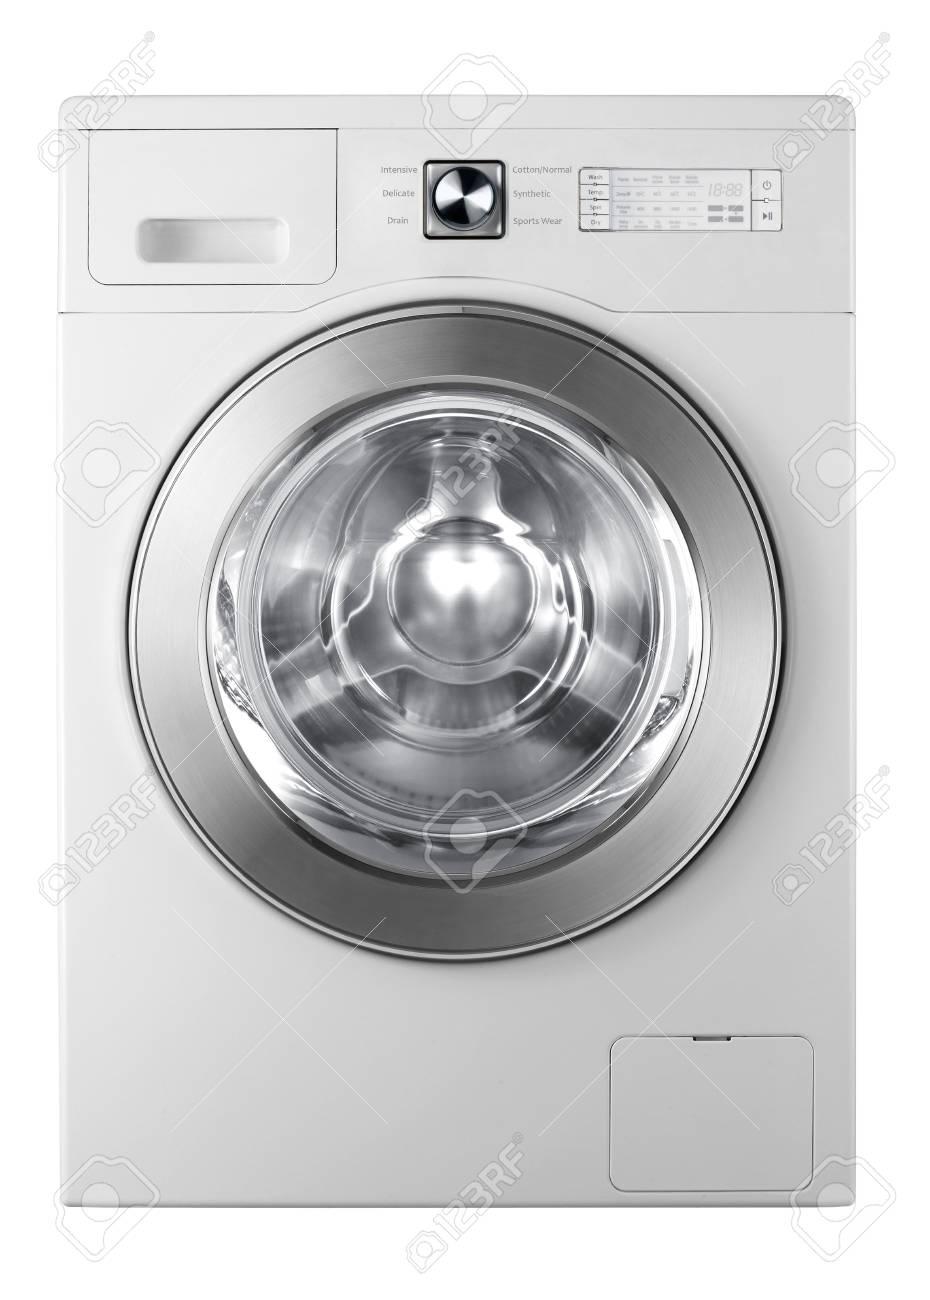 A washing machine isolated on white background Stock Photo - 17908895